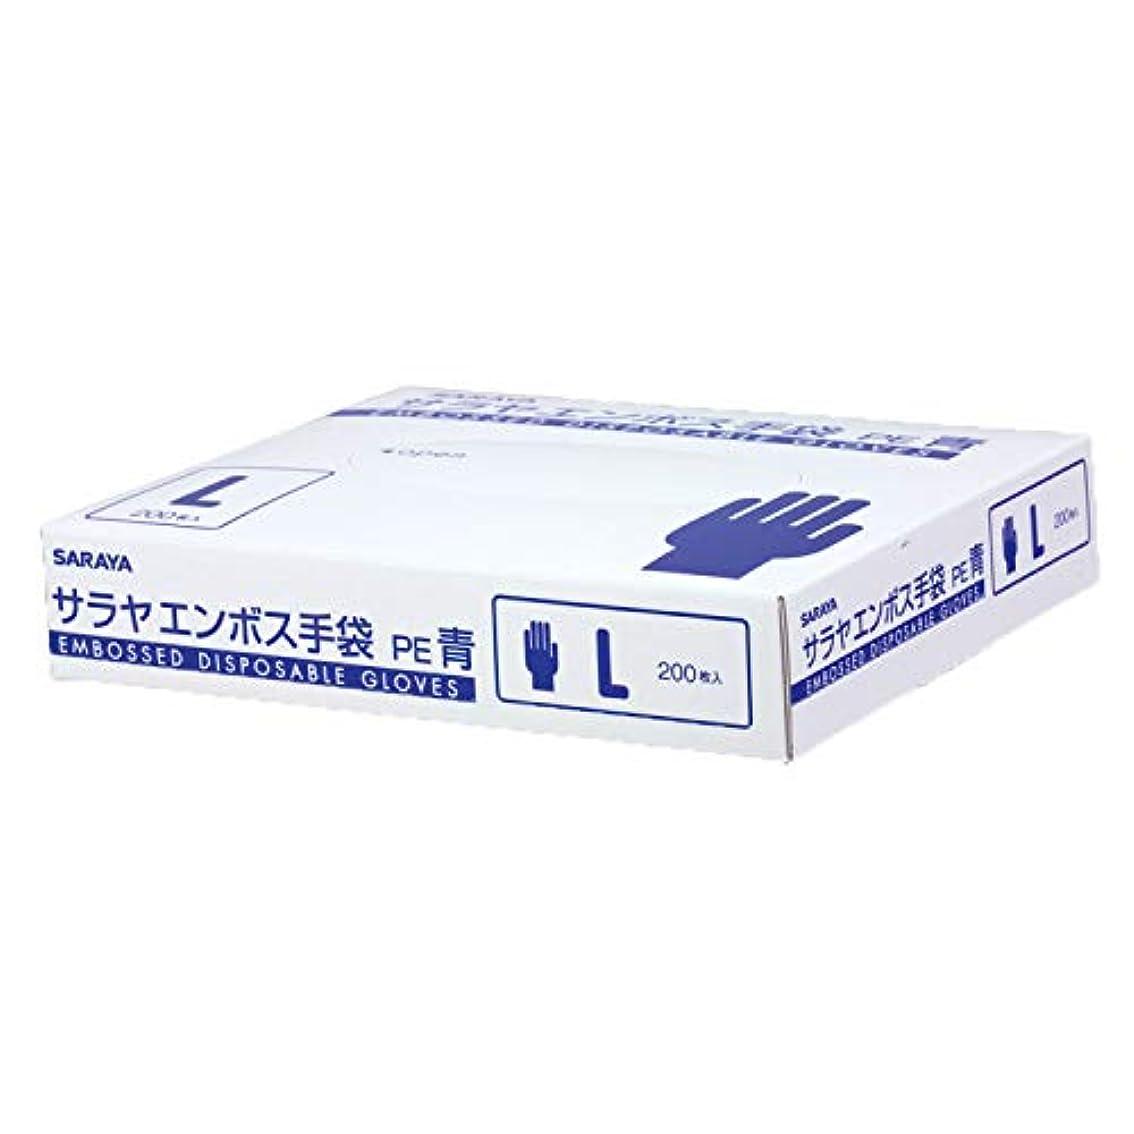 レッスン腐敗した害虫サラヤ エンボス手袋PE 青 L 200枚×20箱 51095